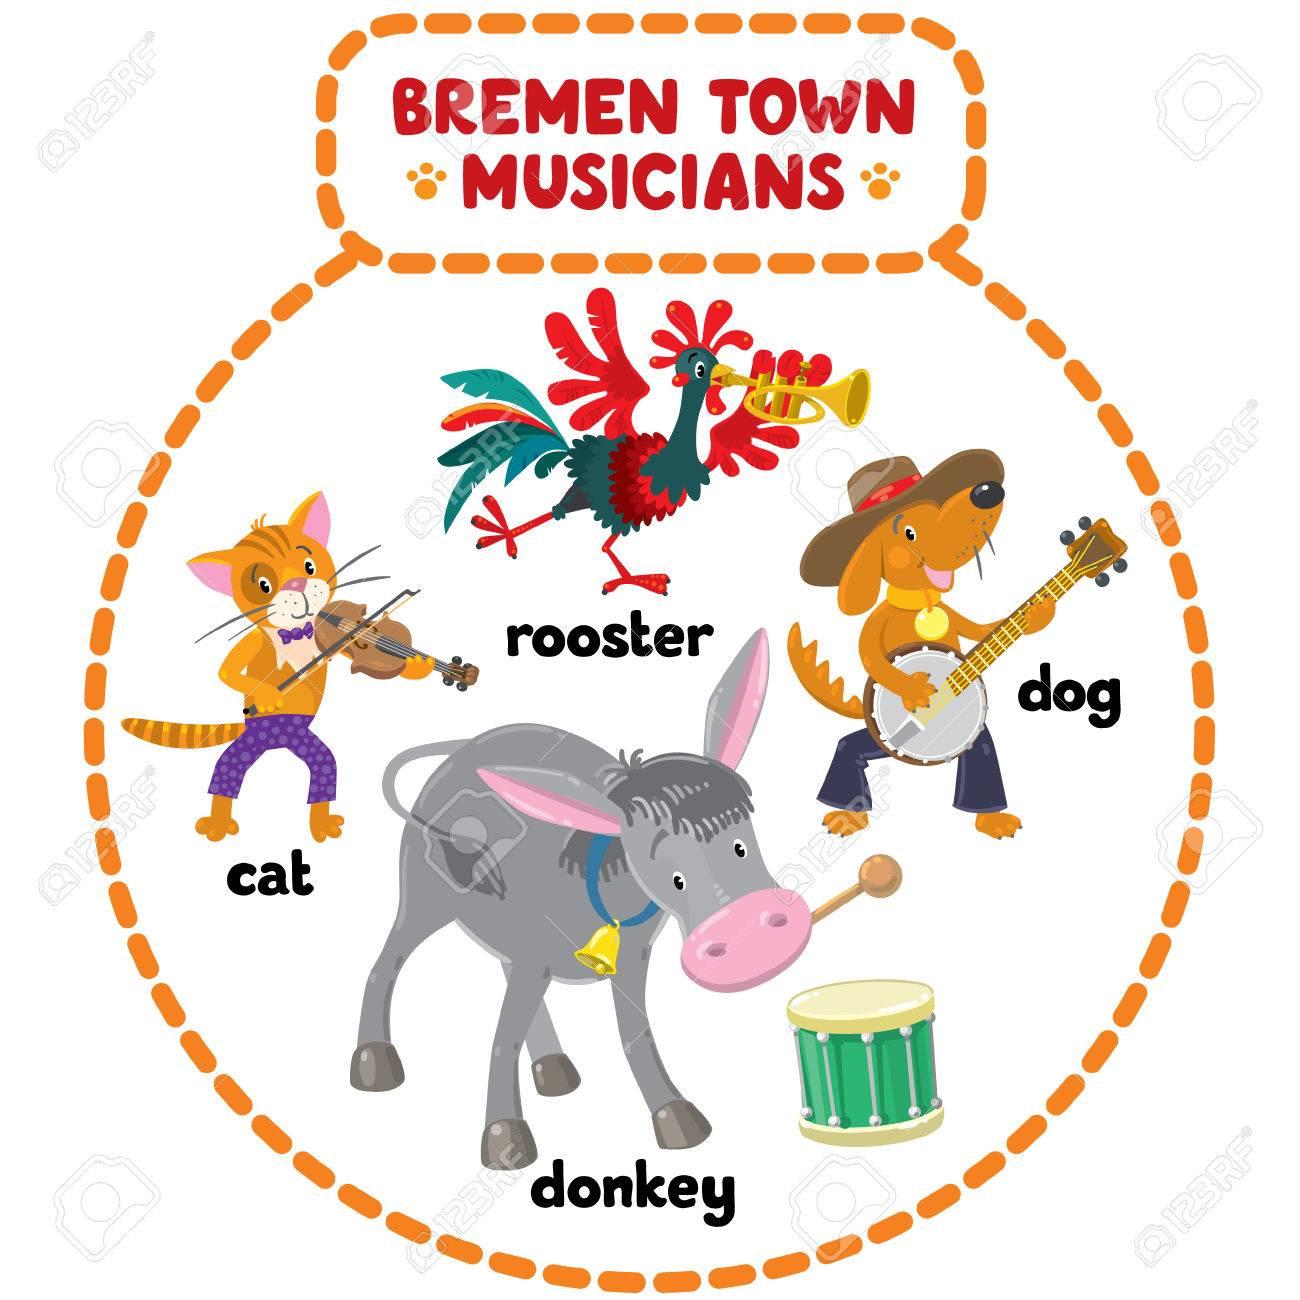 面白いブレーメンの音楽隊猫犬鶏ロバの漫画や子供たちのイラスト